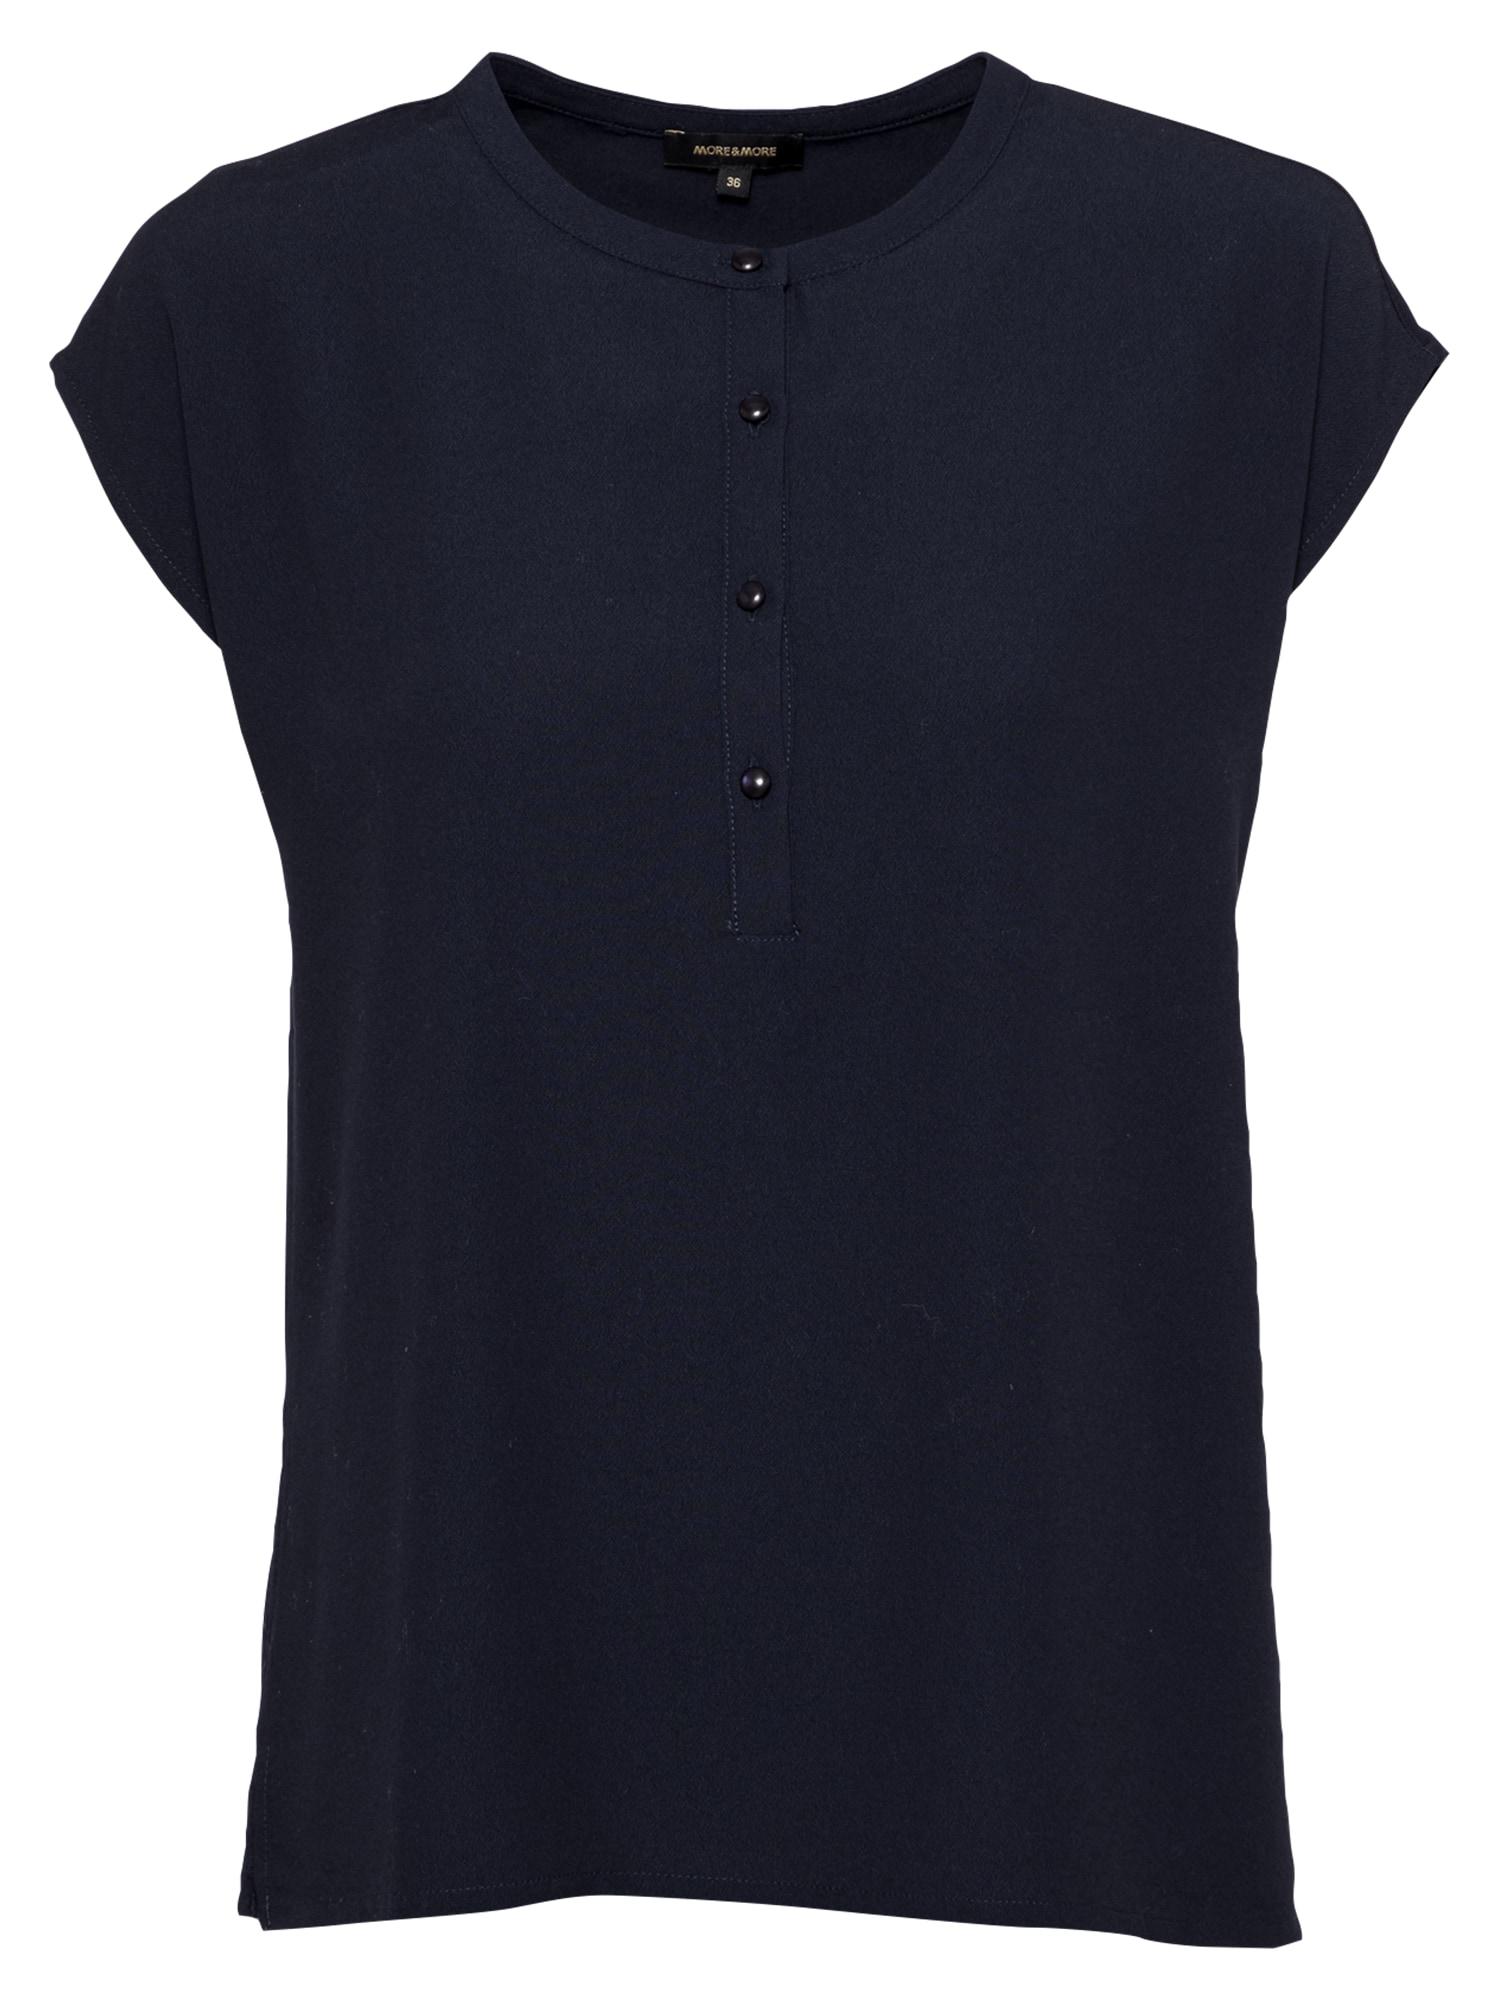 MORE & MORE Marškinėliai ultramarino mėlyna (skaidri)